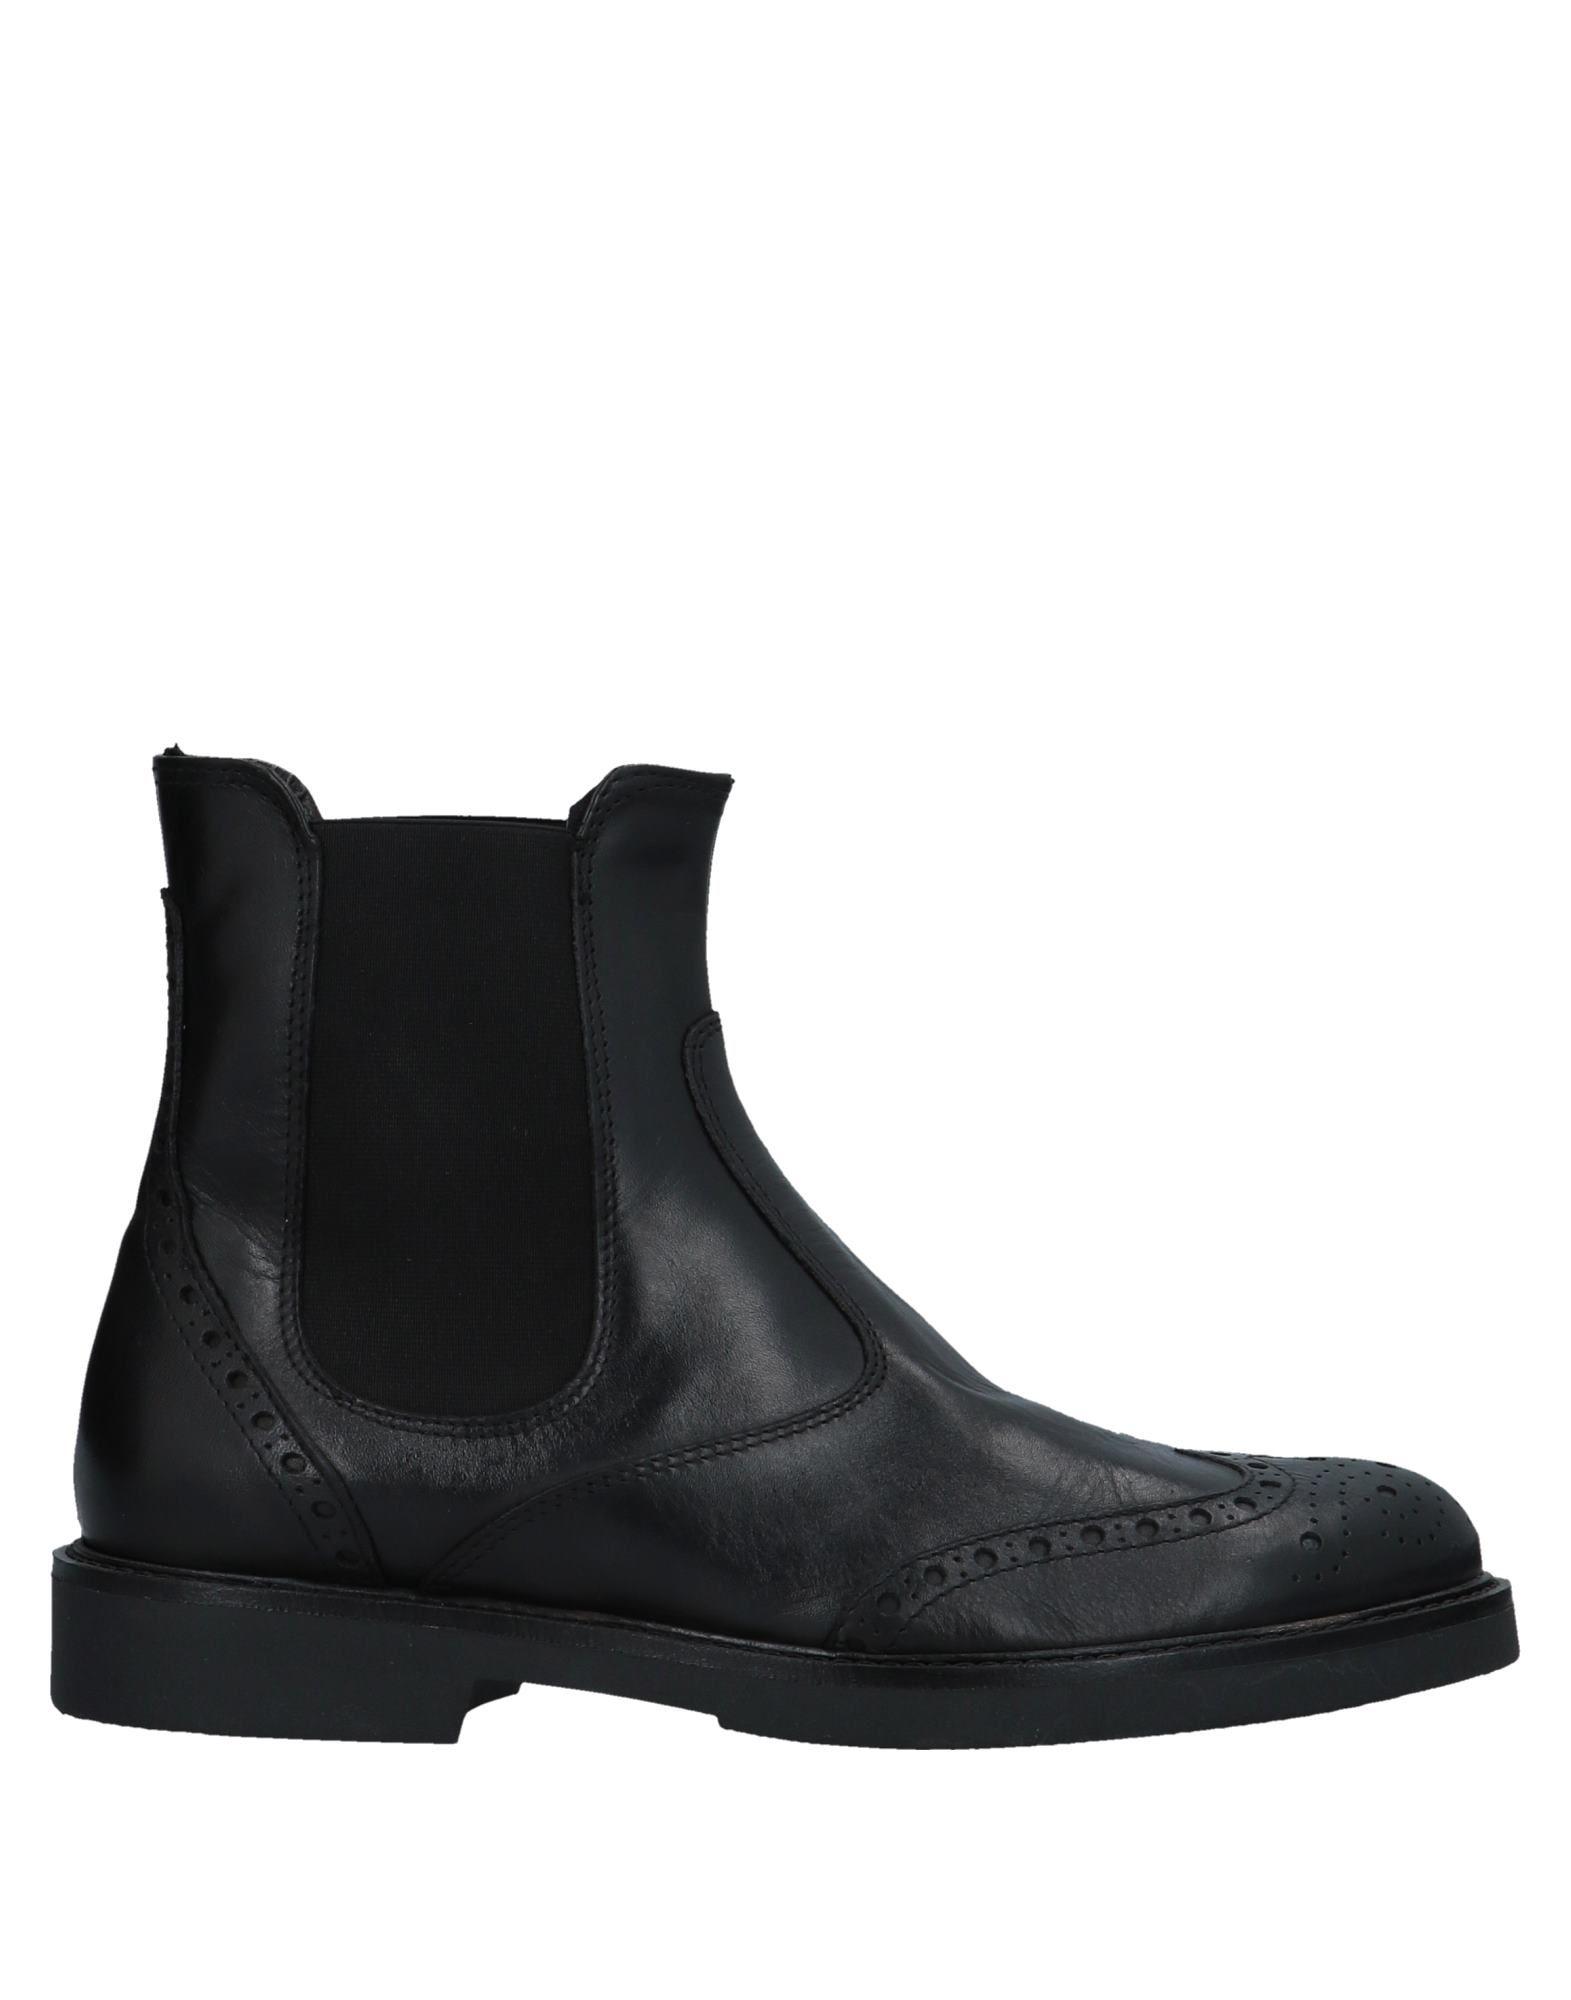 Angelo Pallotta Boots - Men Angelo Pallotta Australia Boots online on  Australia Pallotta - 11537305AQ 0d15f8